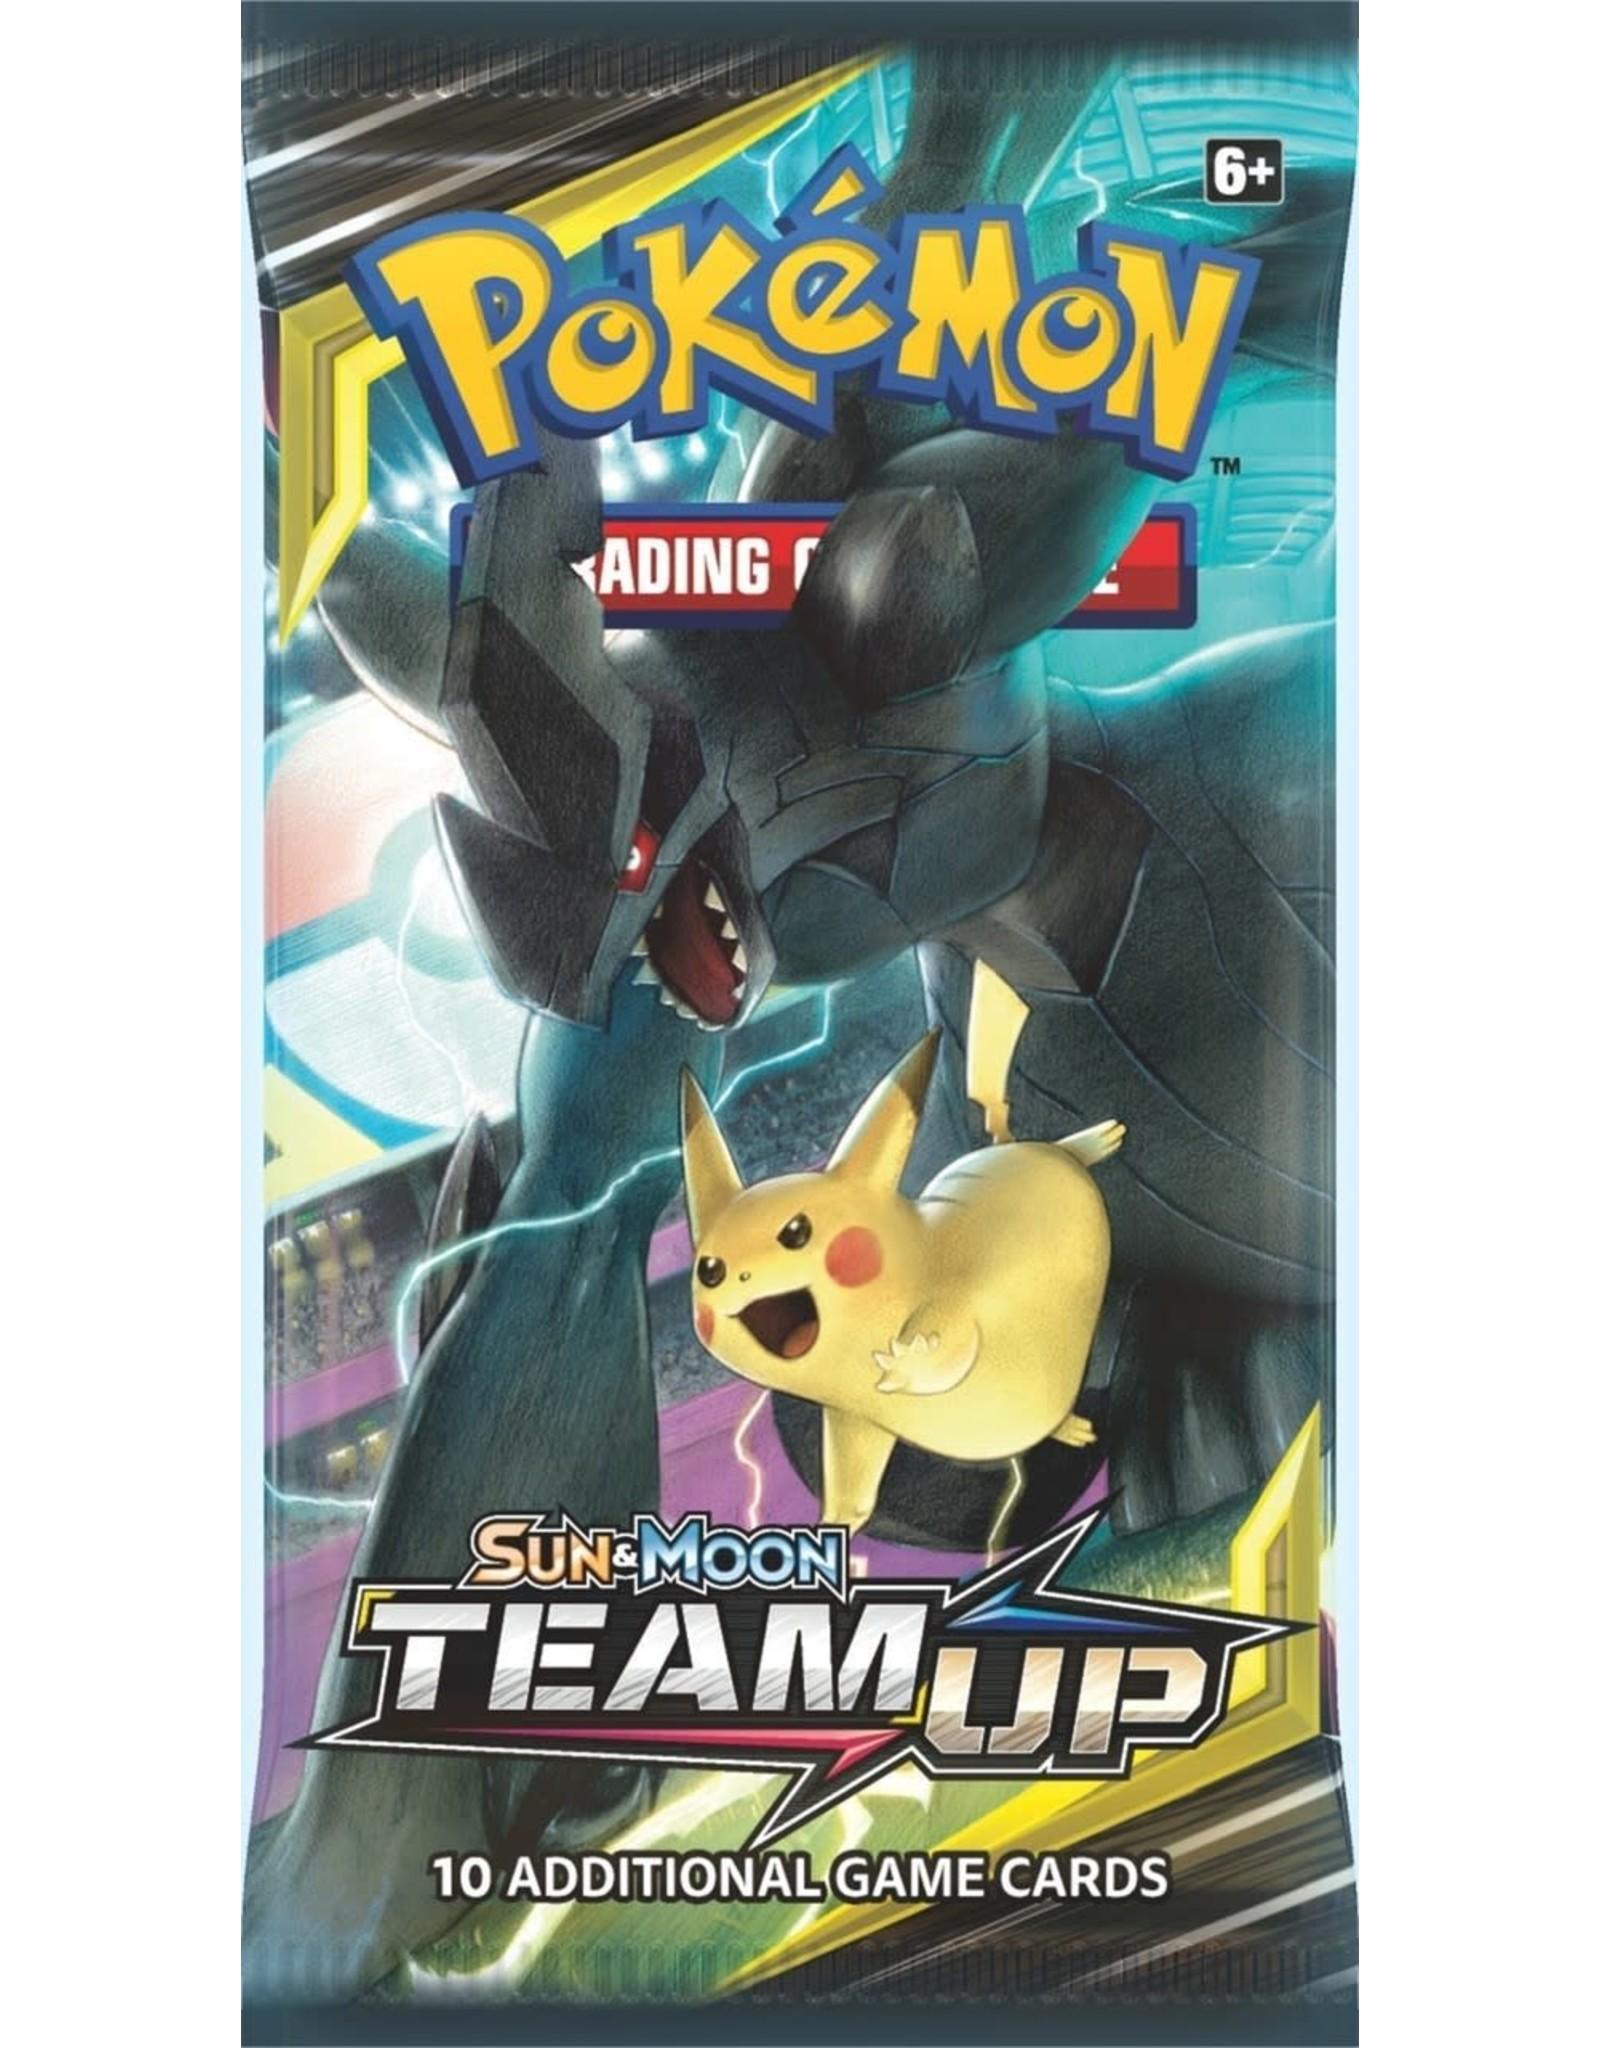 Pokémon Pokemon Sun & Moon Team Up Booster Pack